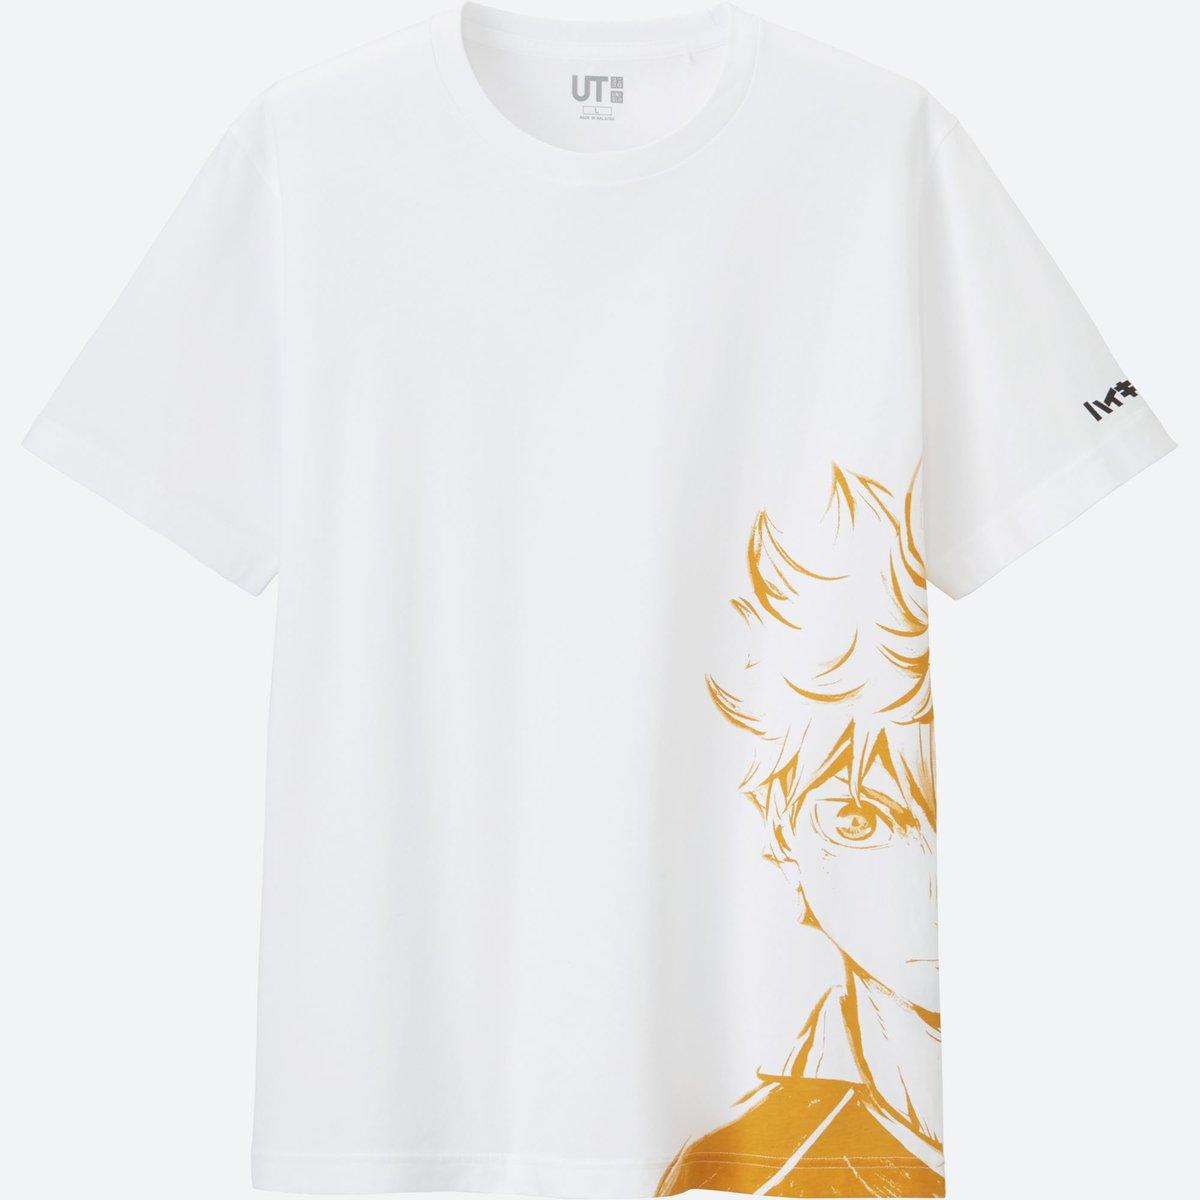 ハイキュー!!のUTが全国のユニクロで販売決定!普段使いできるオシャレなデザインのTシャツが3種類登場します!ゴミ捨て場の決戦モチーフや、月島のあの名シーンをデザインしたUTも!販売開始は5月下旬予定です!!#hq_anime